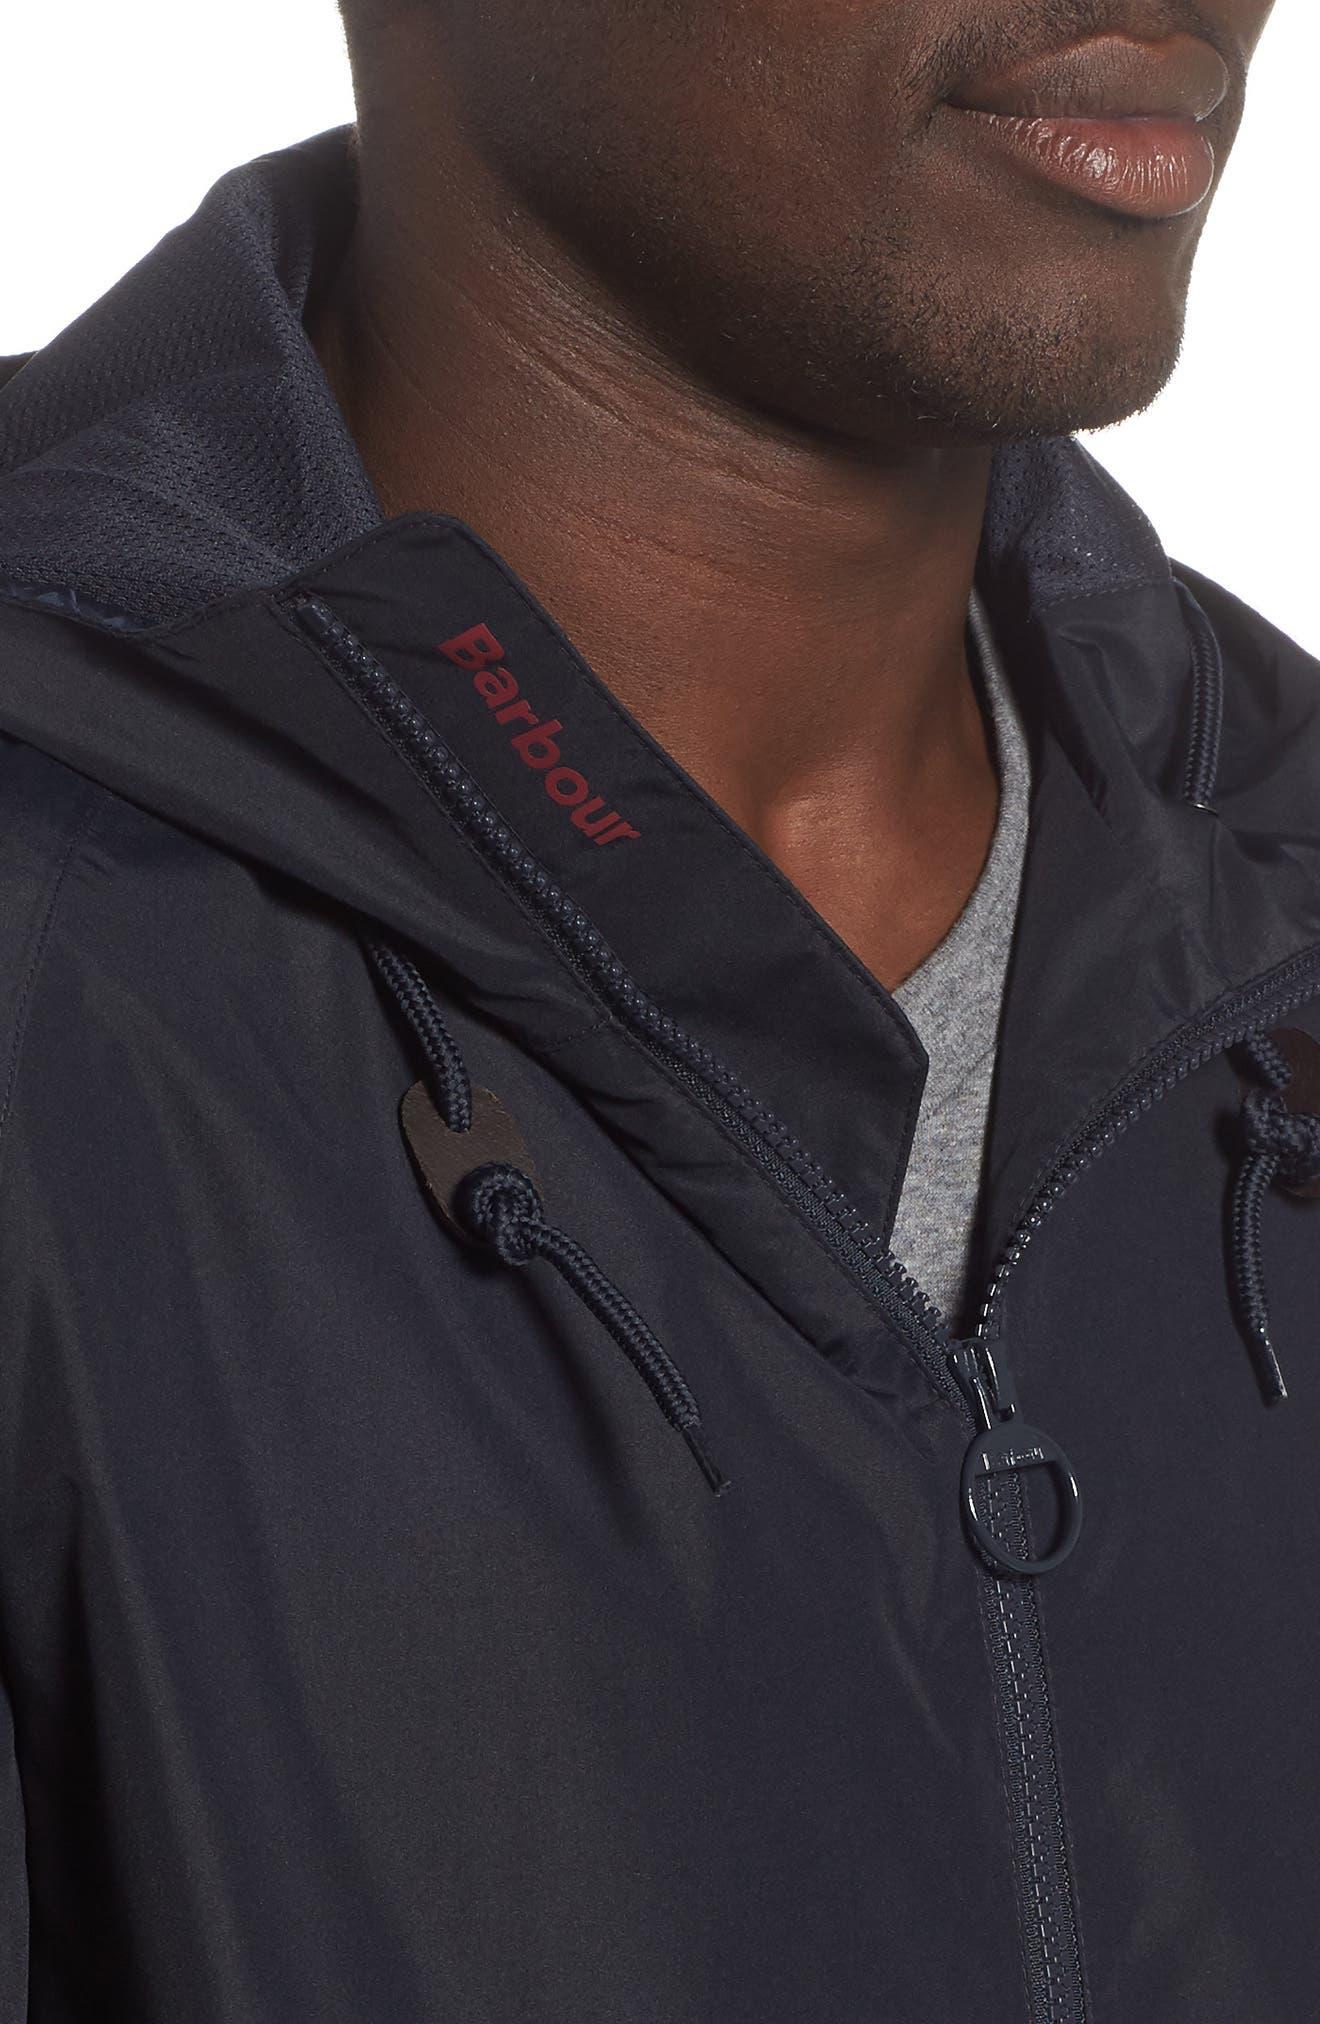 Twent Waterproof Jacket,                             Alternate thumbnail 4, color,                             410